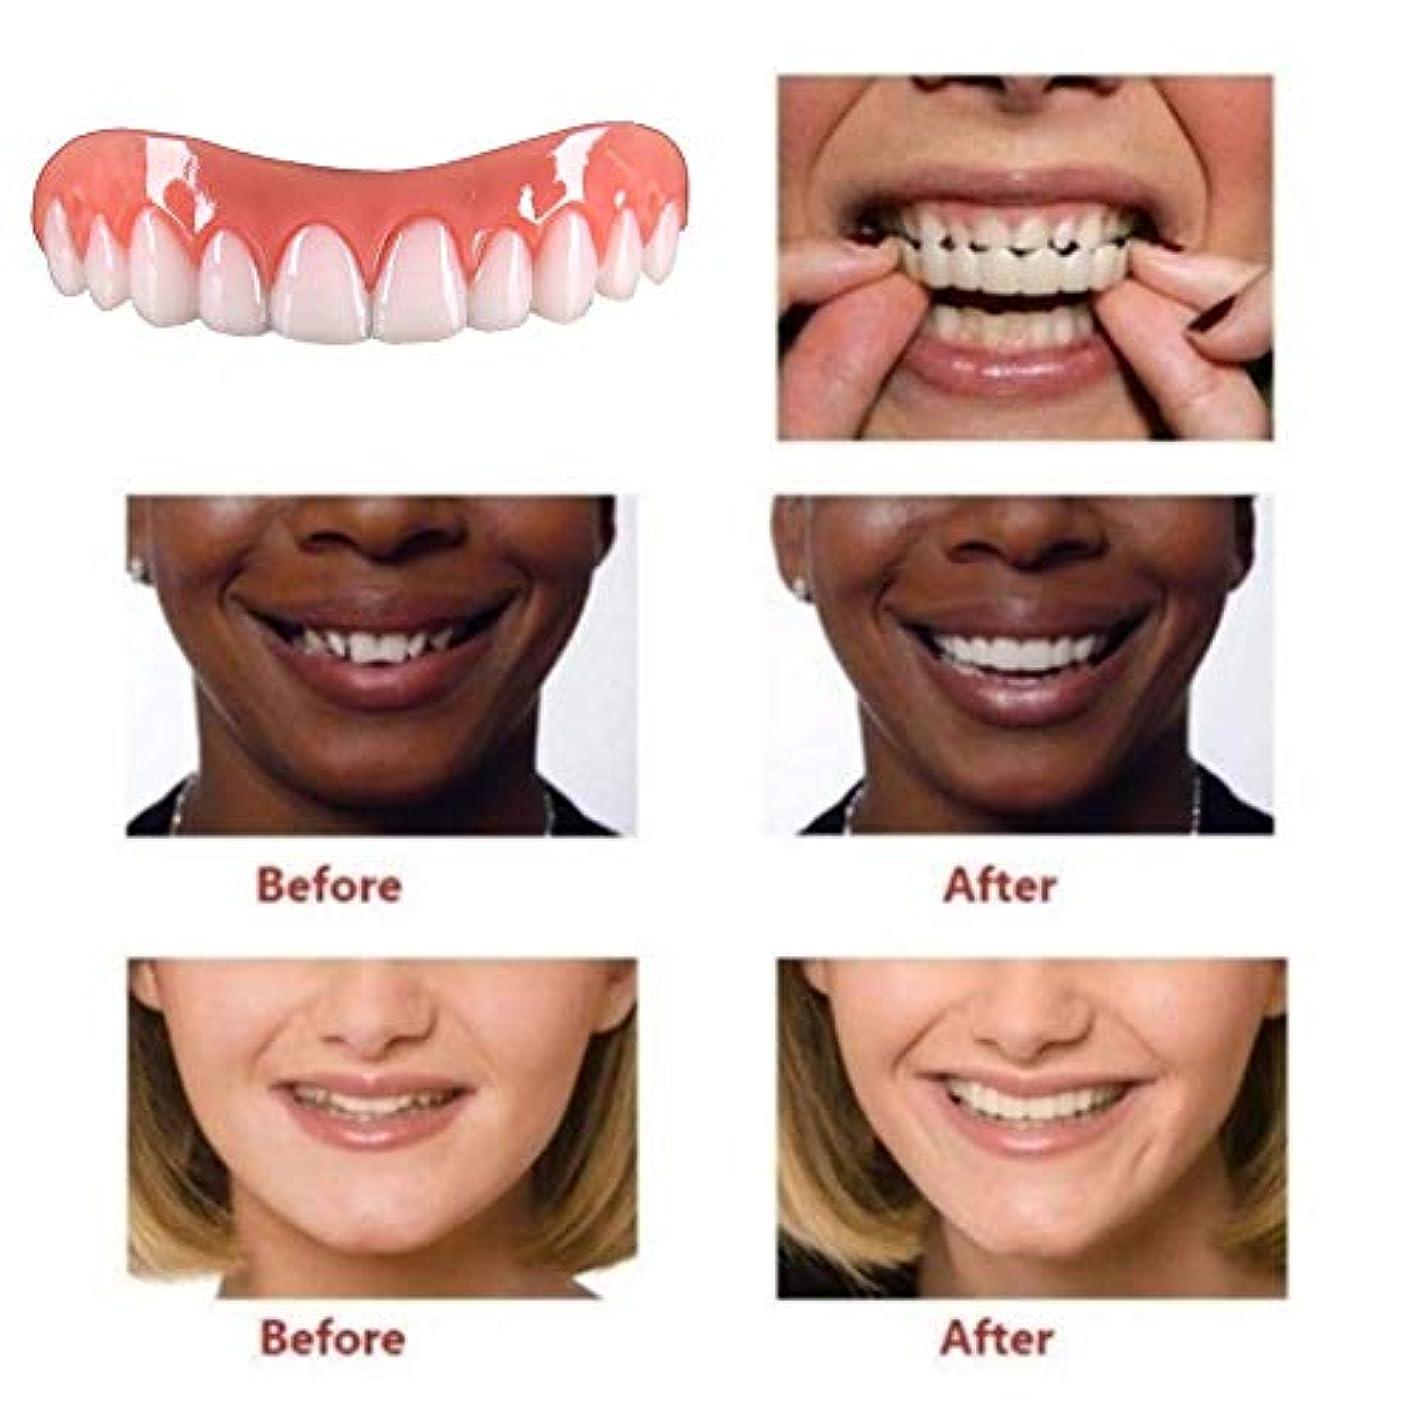 繰り返した裁定スポンサー3個のアッパーシリカゲルフェイク歯パーフェクトスマイルフィットスナップインホワイトニングコンフォートスマイルコスメティックデンタル